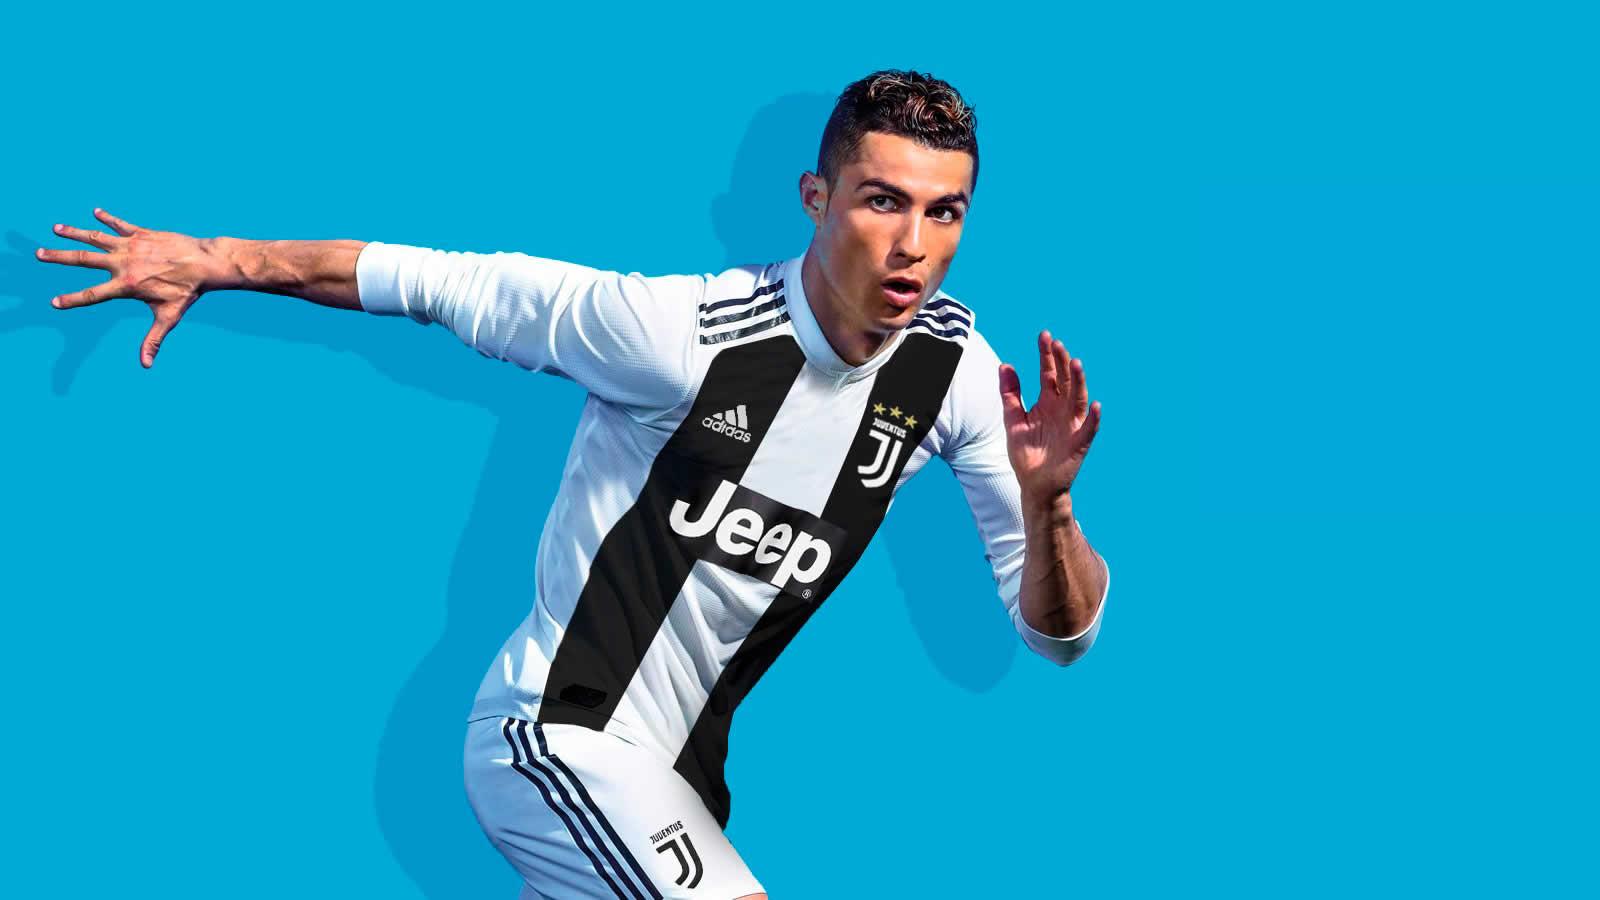 Estará FIFA 19 a favorecer alguns tipos de jogadores? A EA diz que não